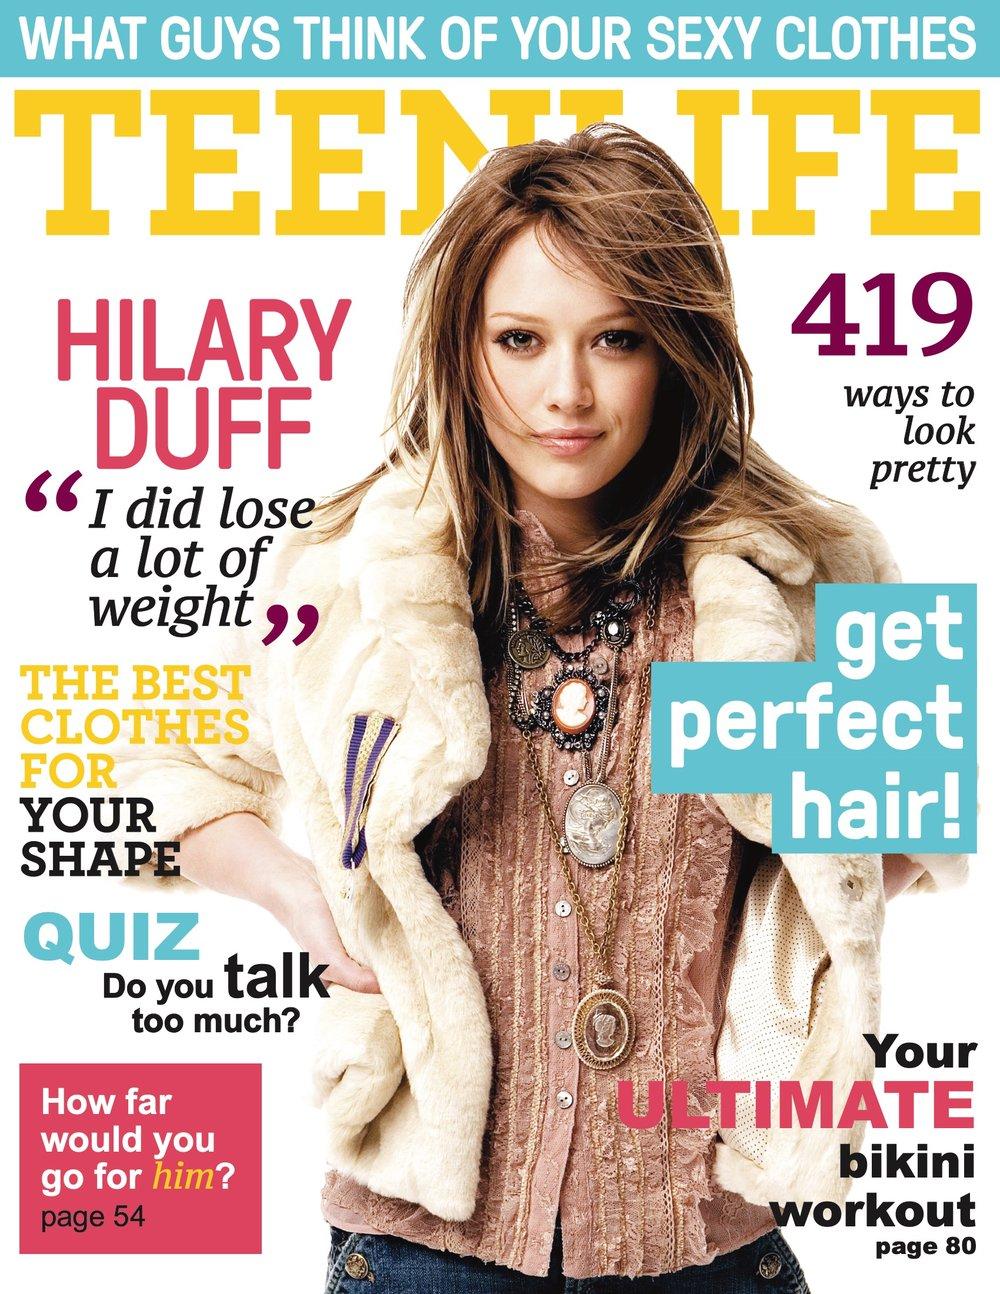 teenlife-cover.jpeg